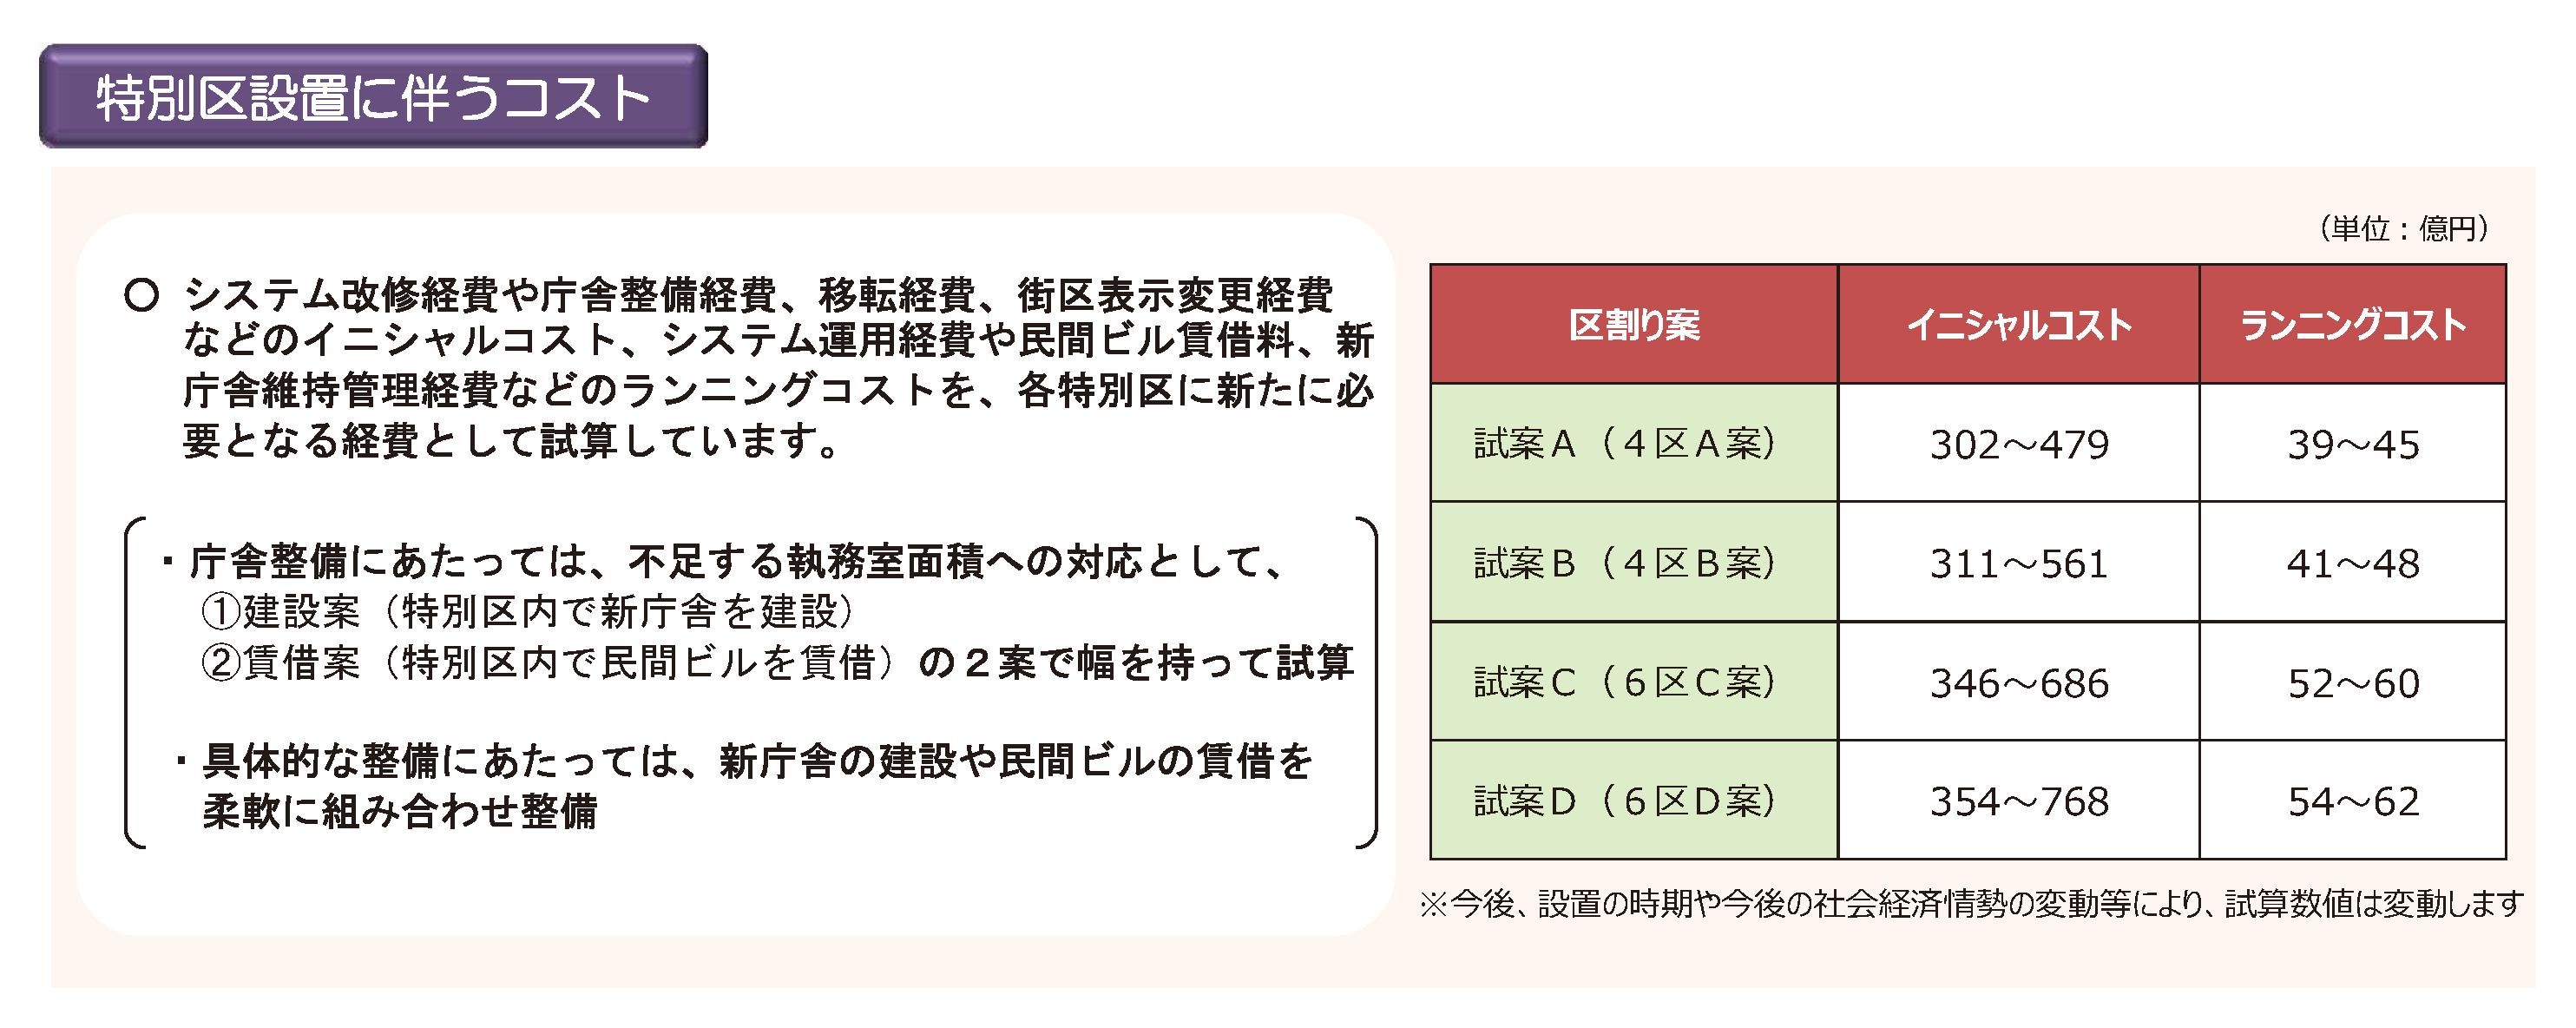 立憲民主党大阪府連「都構想ポータル」特別区のデメリット